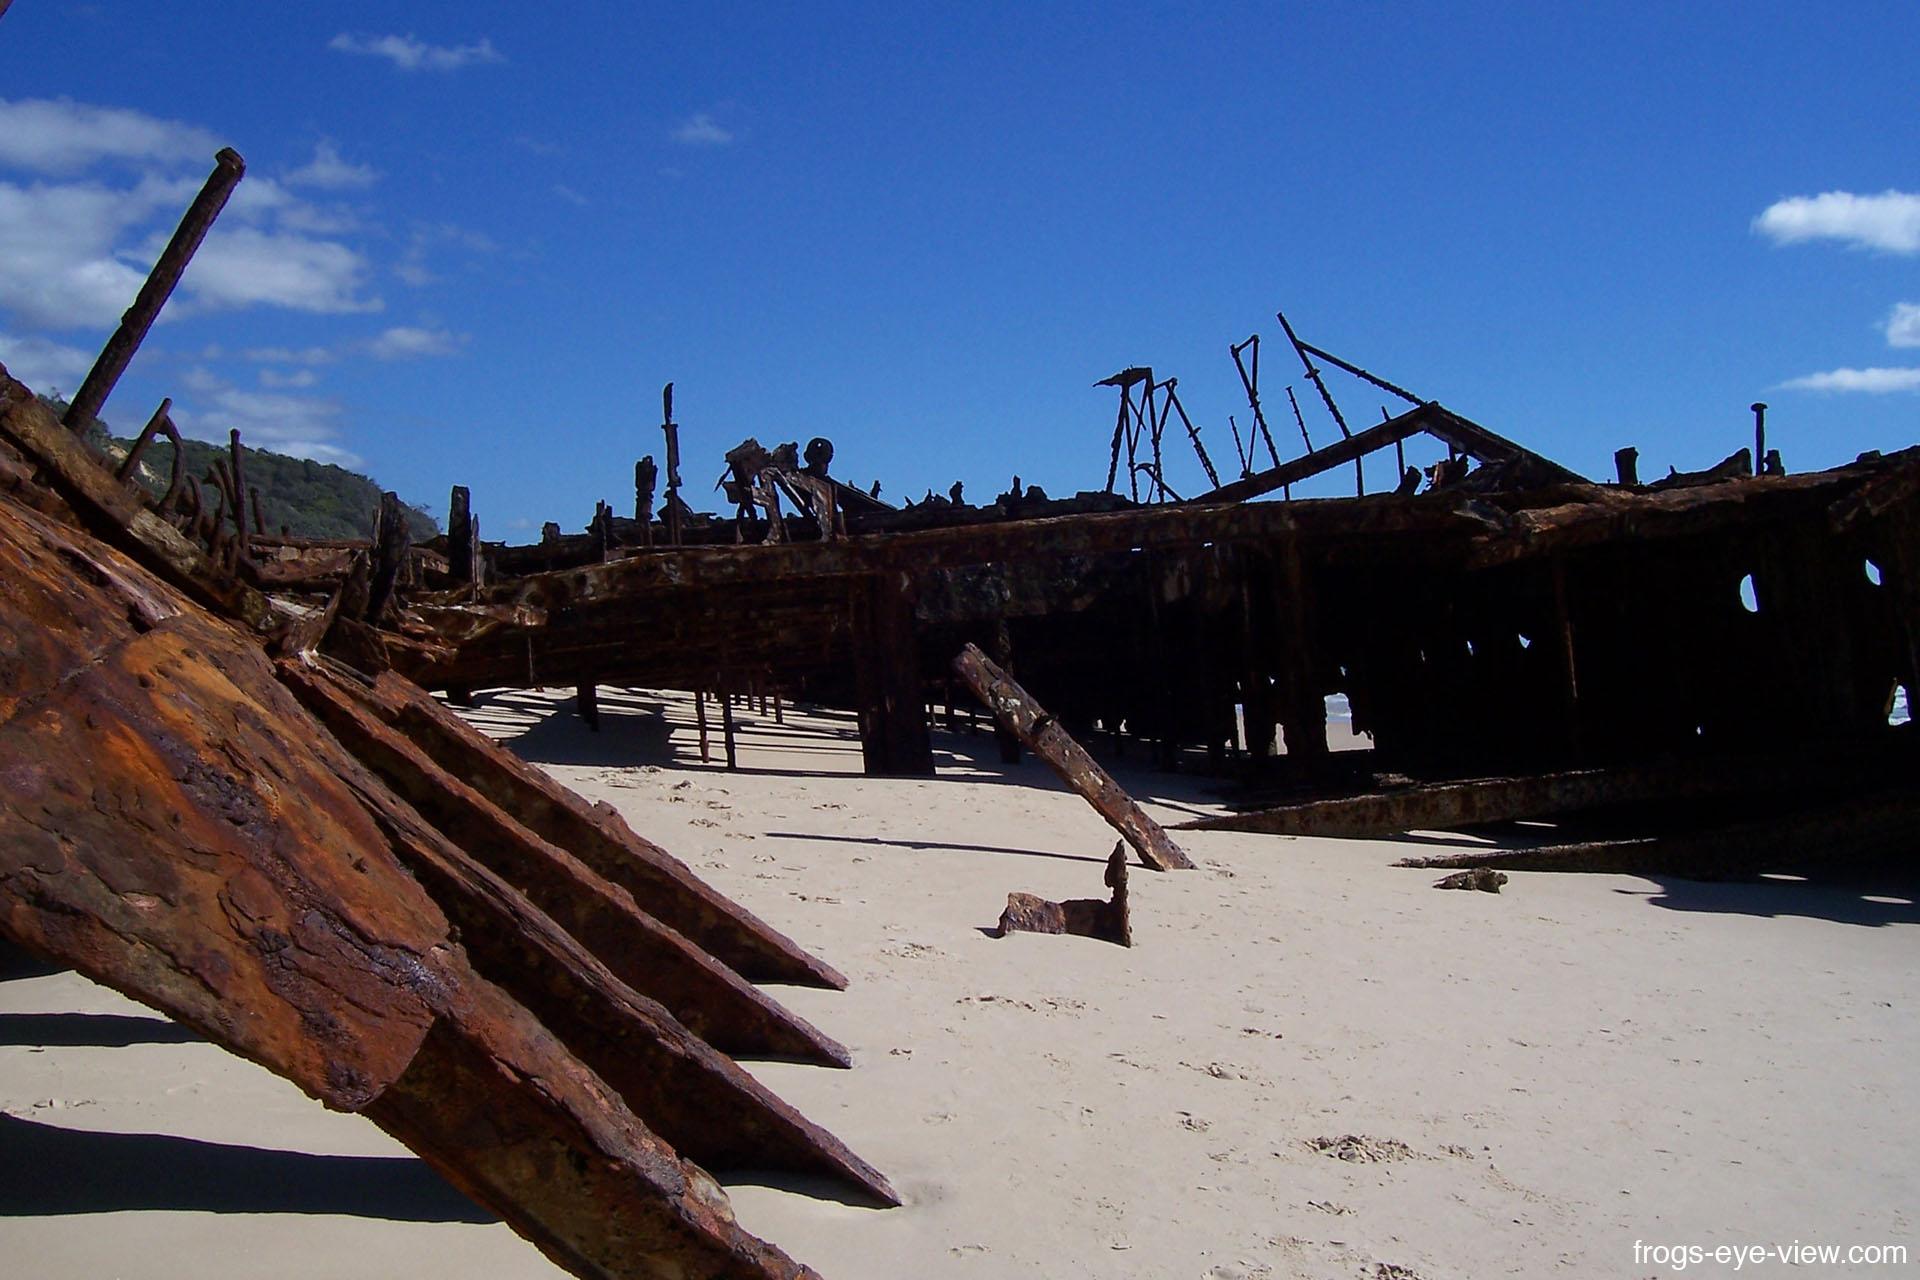 02_Shipwreck Kopie